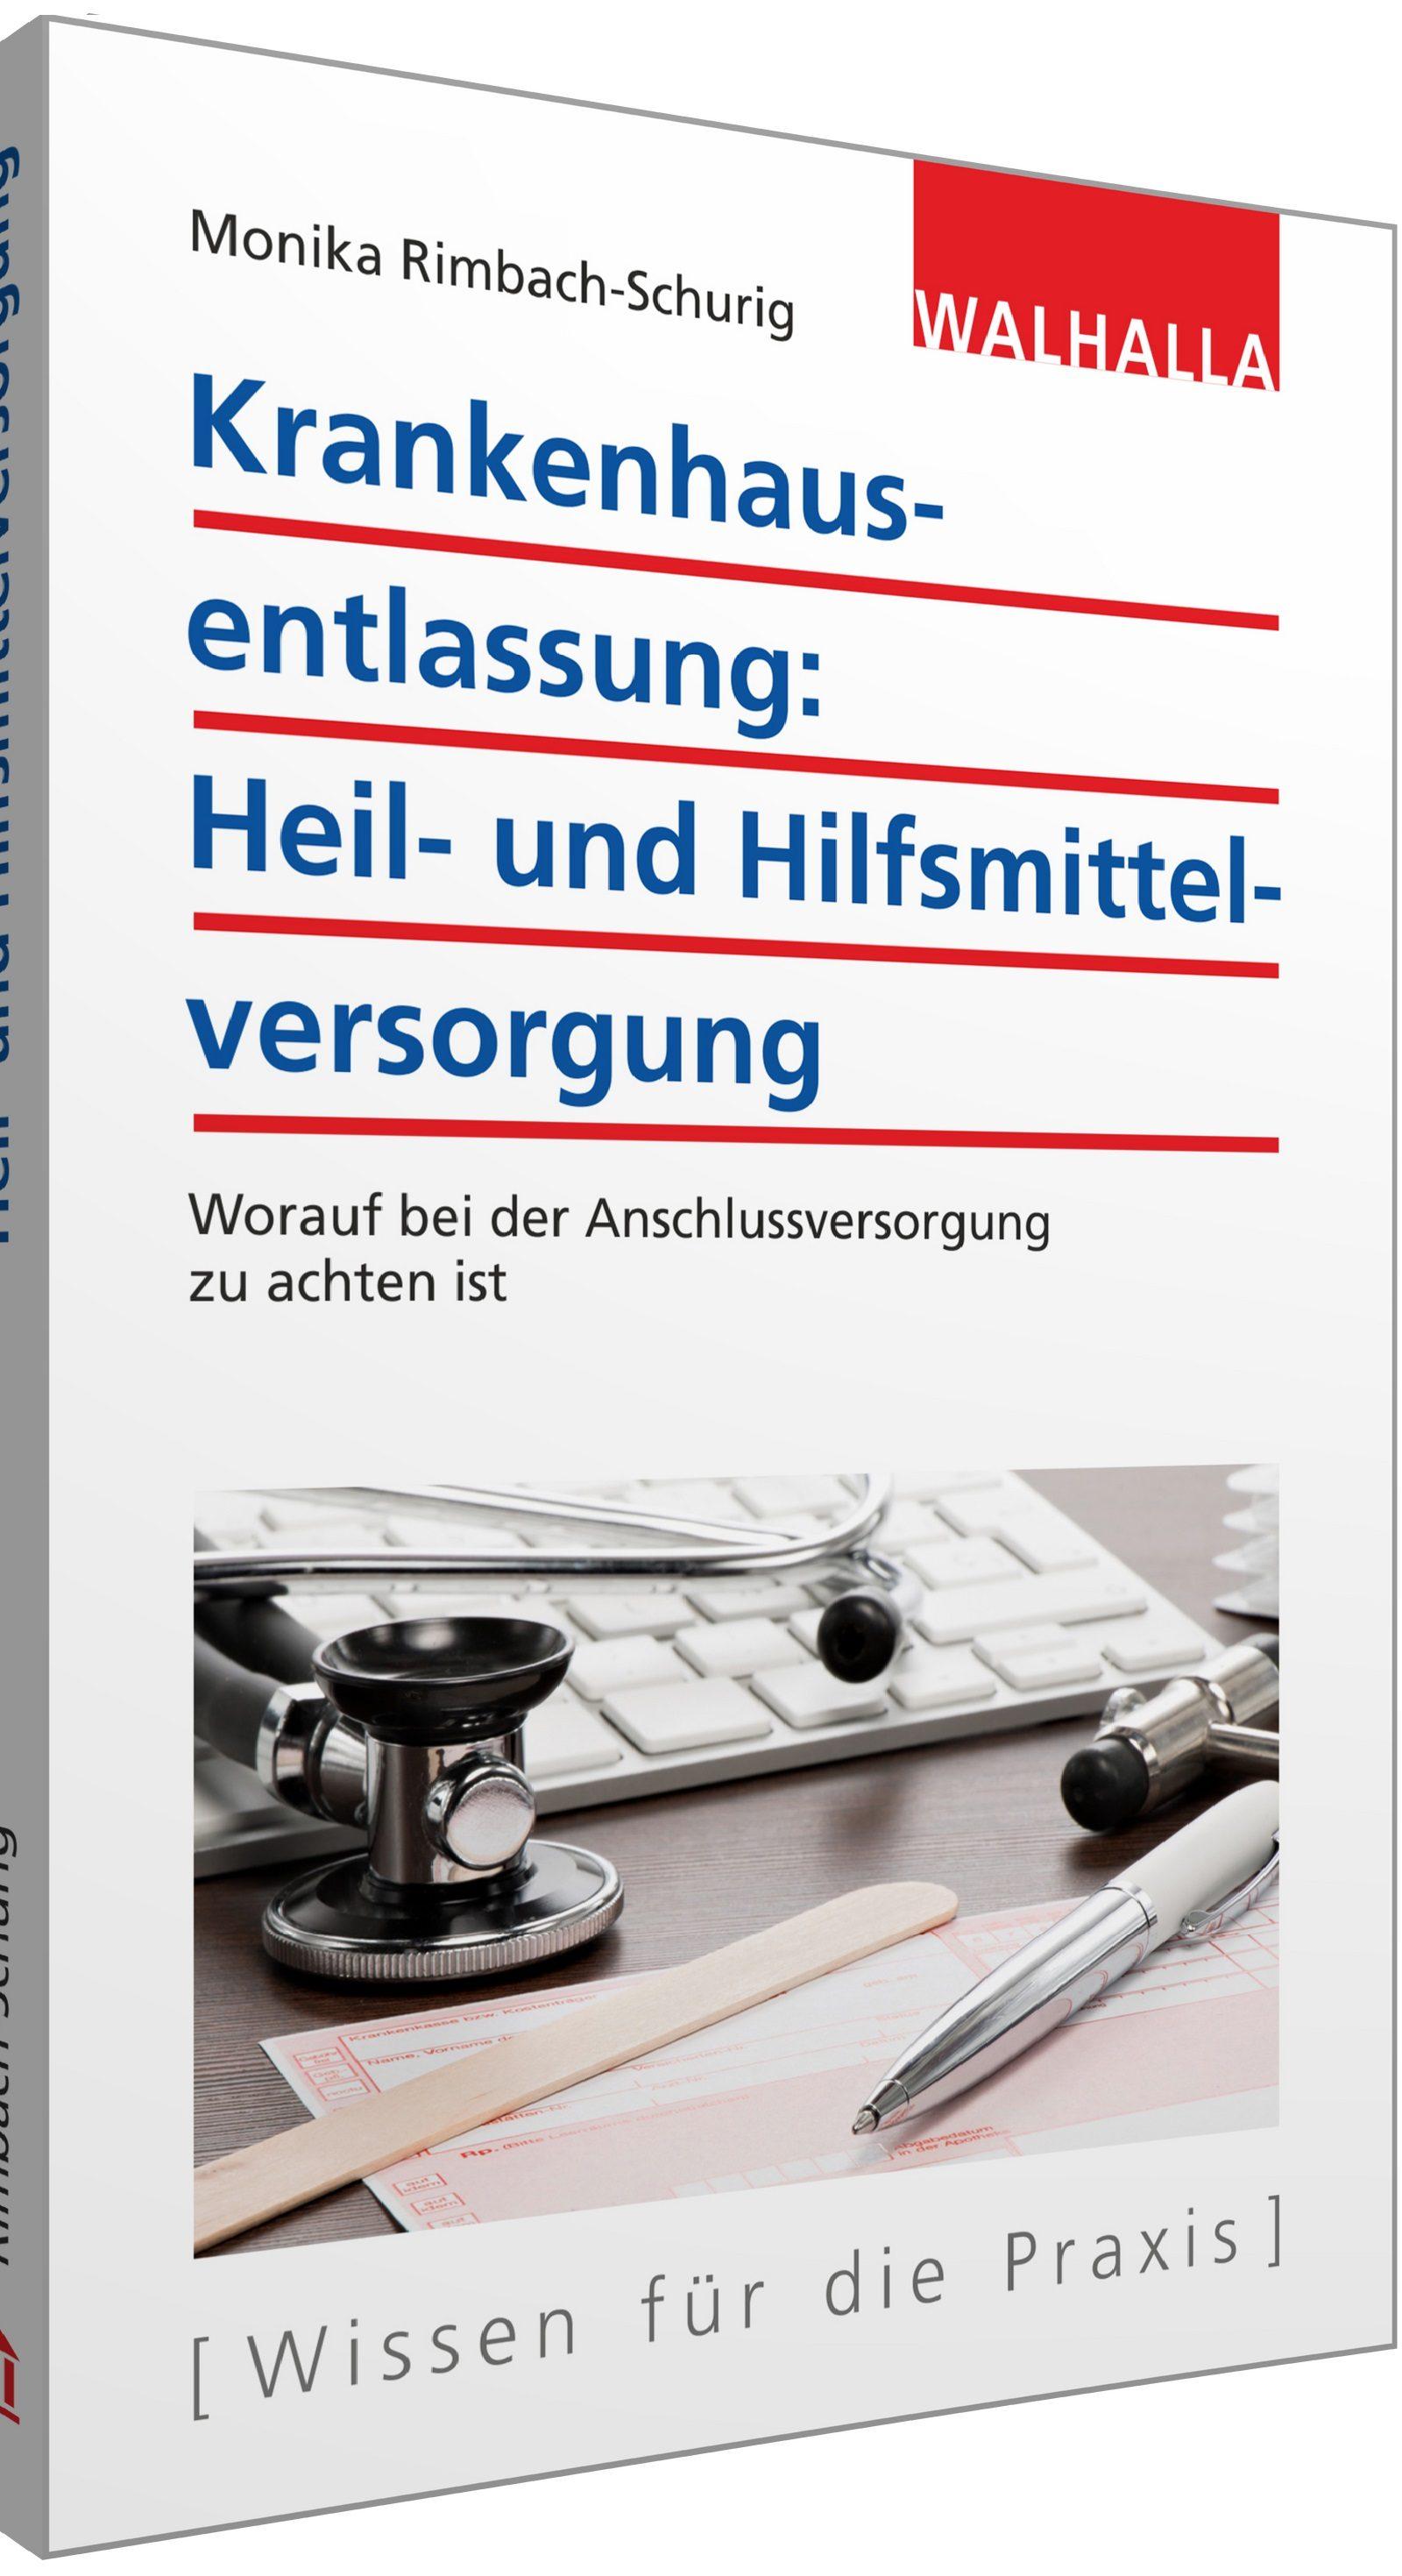 Buchempfehlung zur Krankenhausentlassung